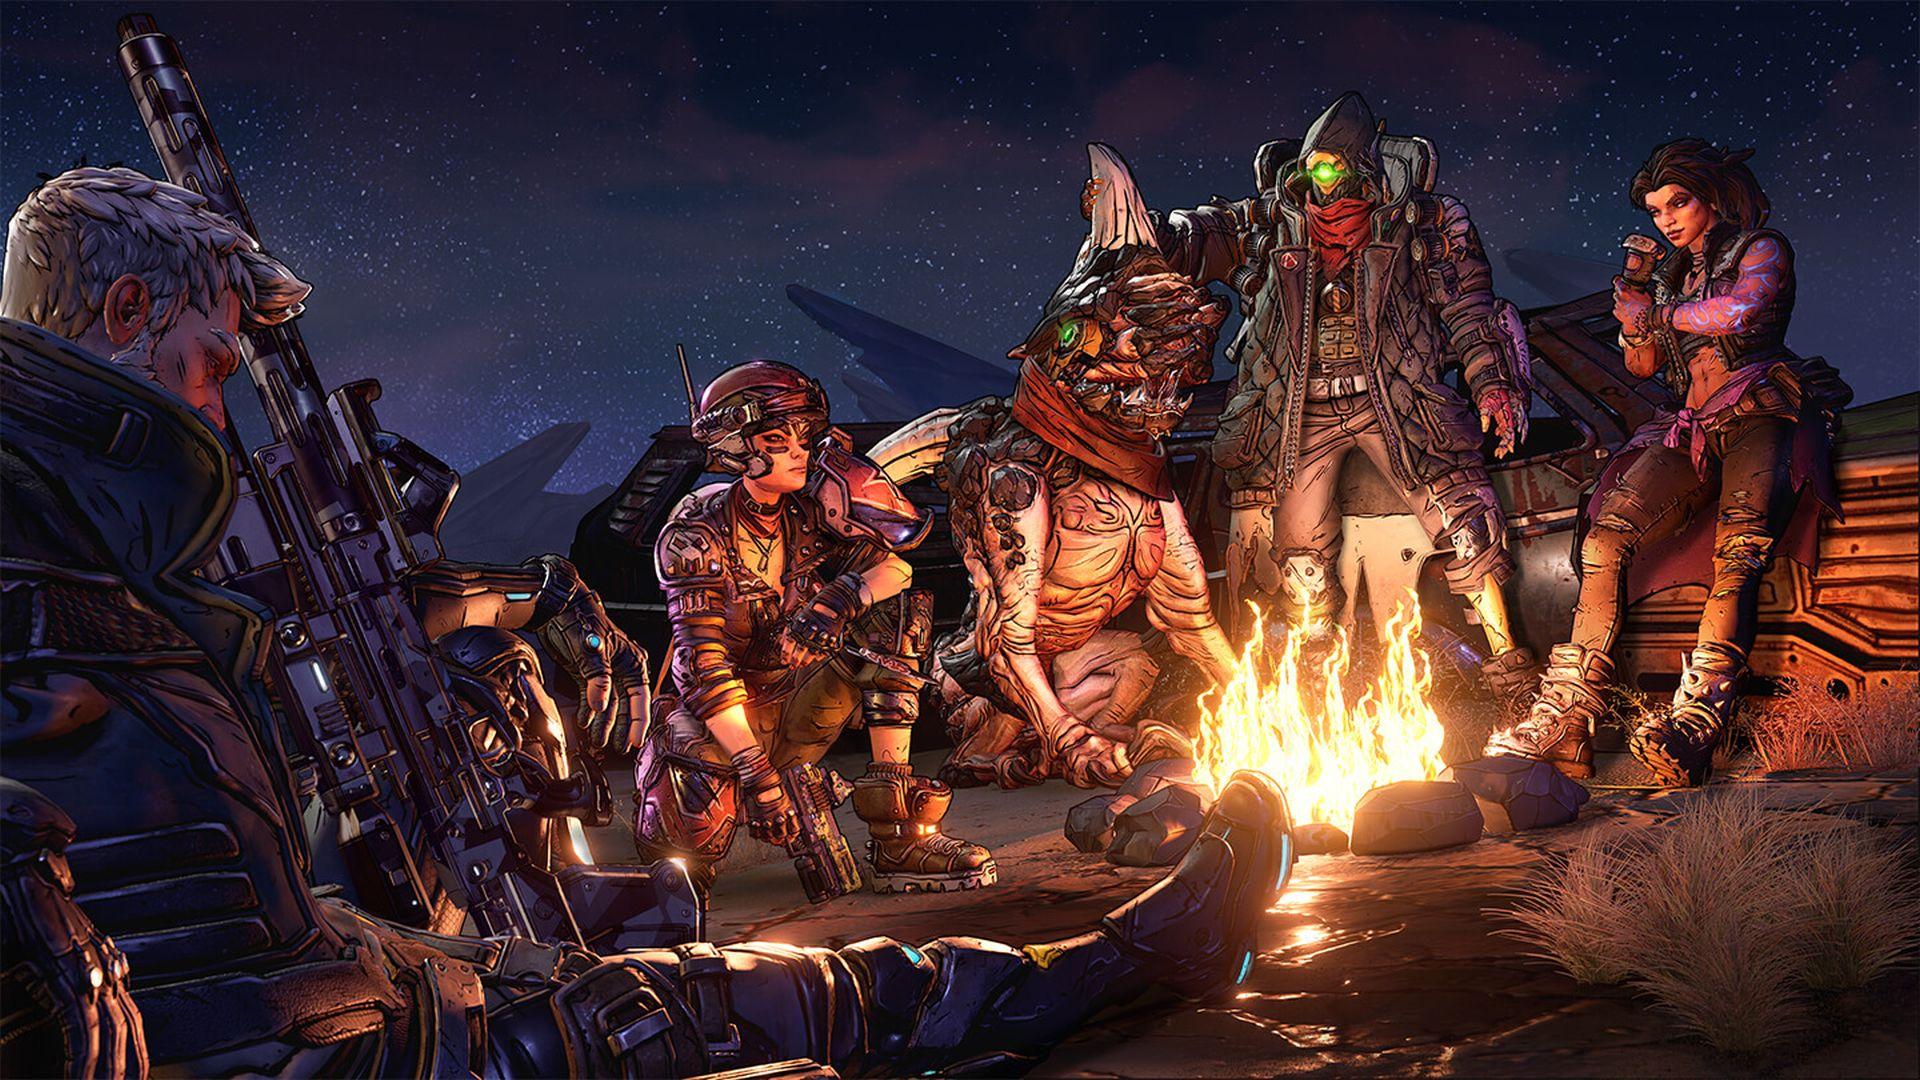 Gearbox谈《无主之地3》:剧情绝对很重要